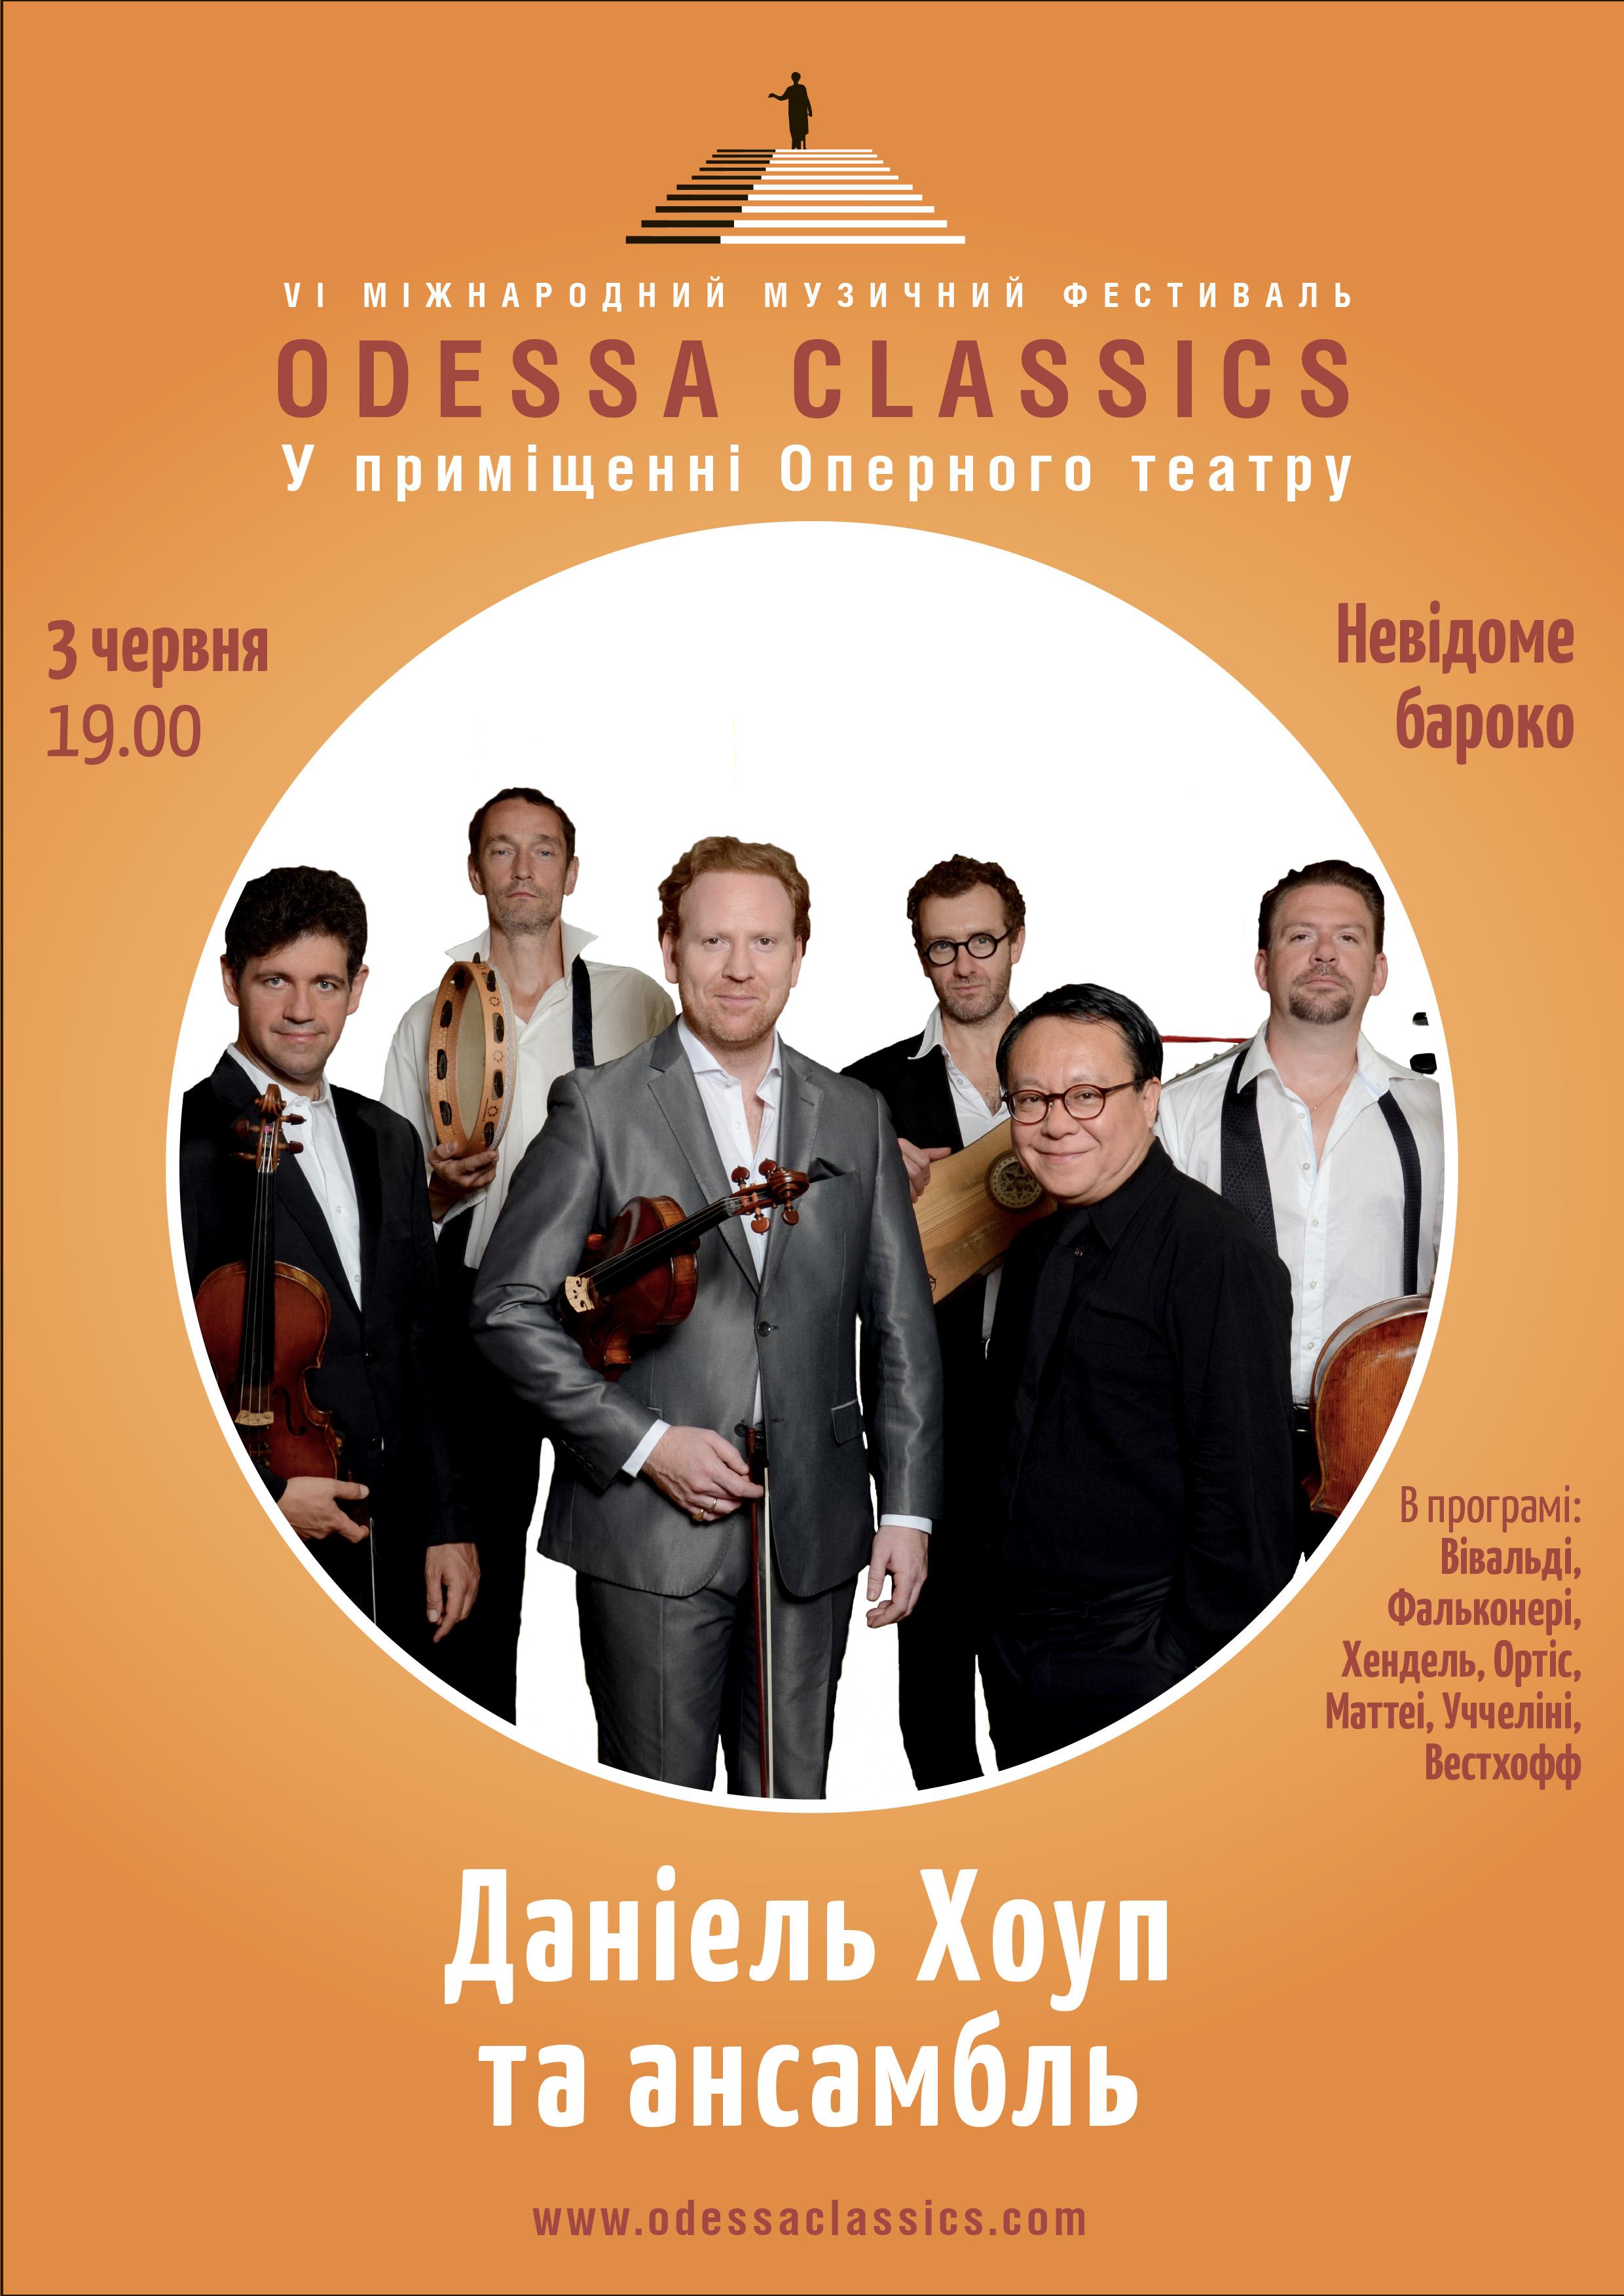 Odessa Classic: Даниэль Хоуп и ансамбль